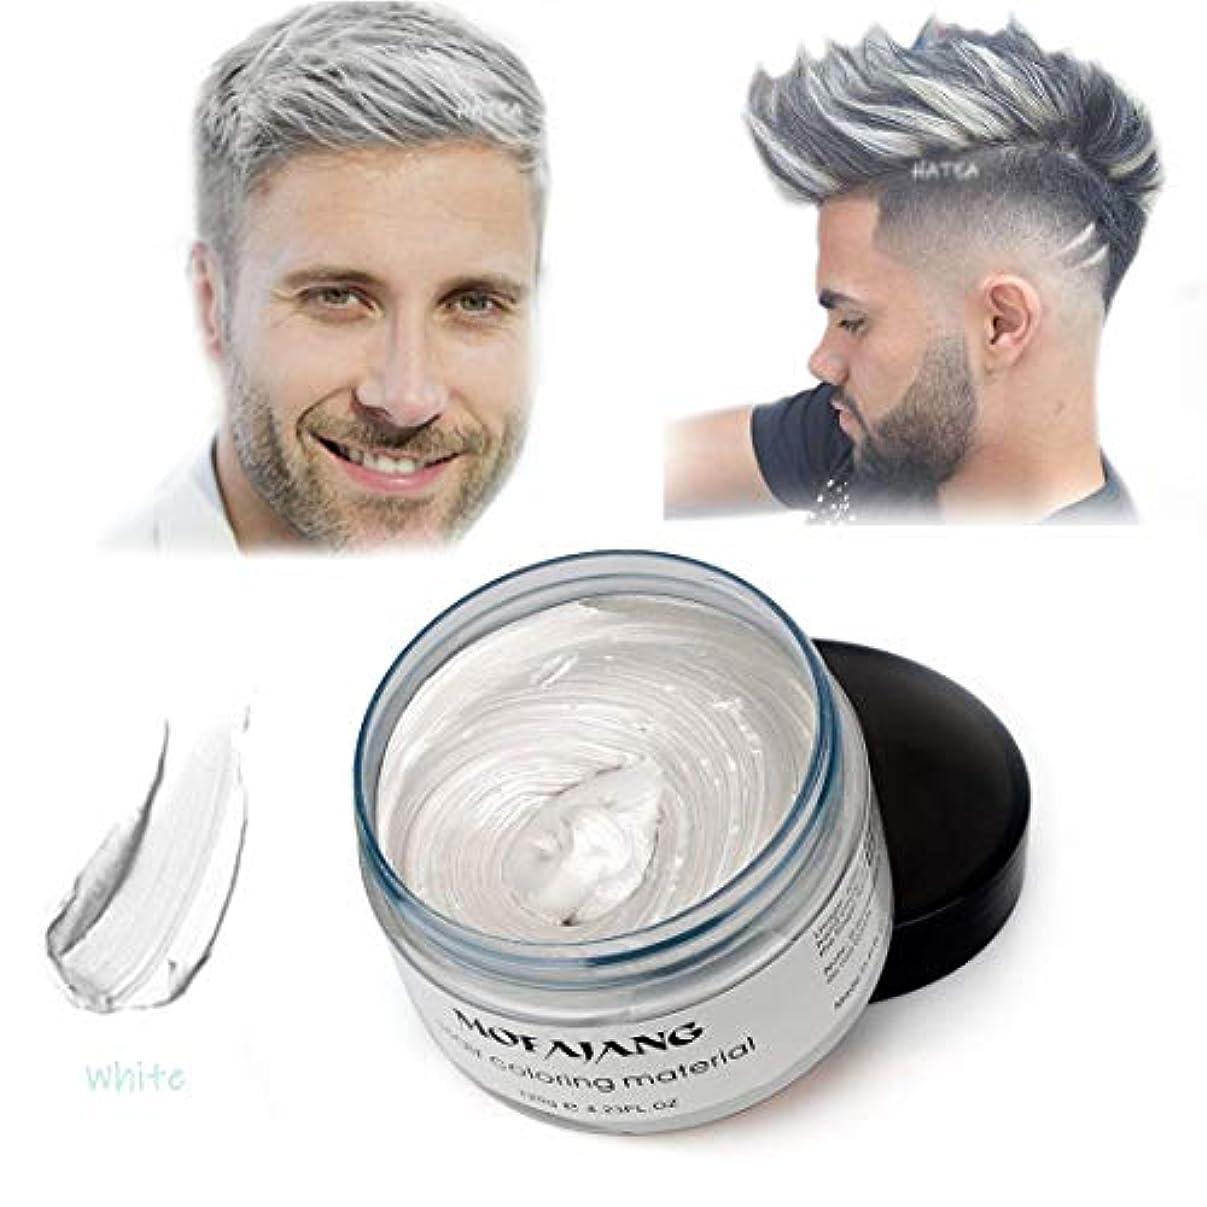 落ちた電話をかける髪色ワックス,一度だけ一時的に自然色染料ヘアワックスをモデリング,パーティーのための自然なマット髪型。コスプレ、仮装、ナイトクラブ、ハロウィーン (ホワイト)